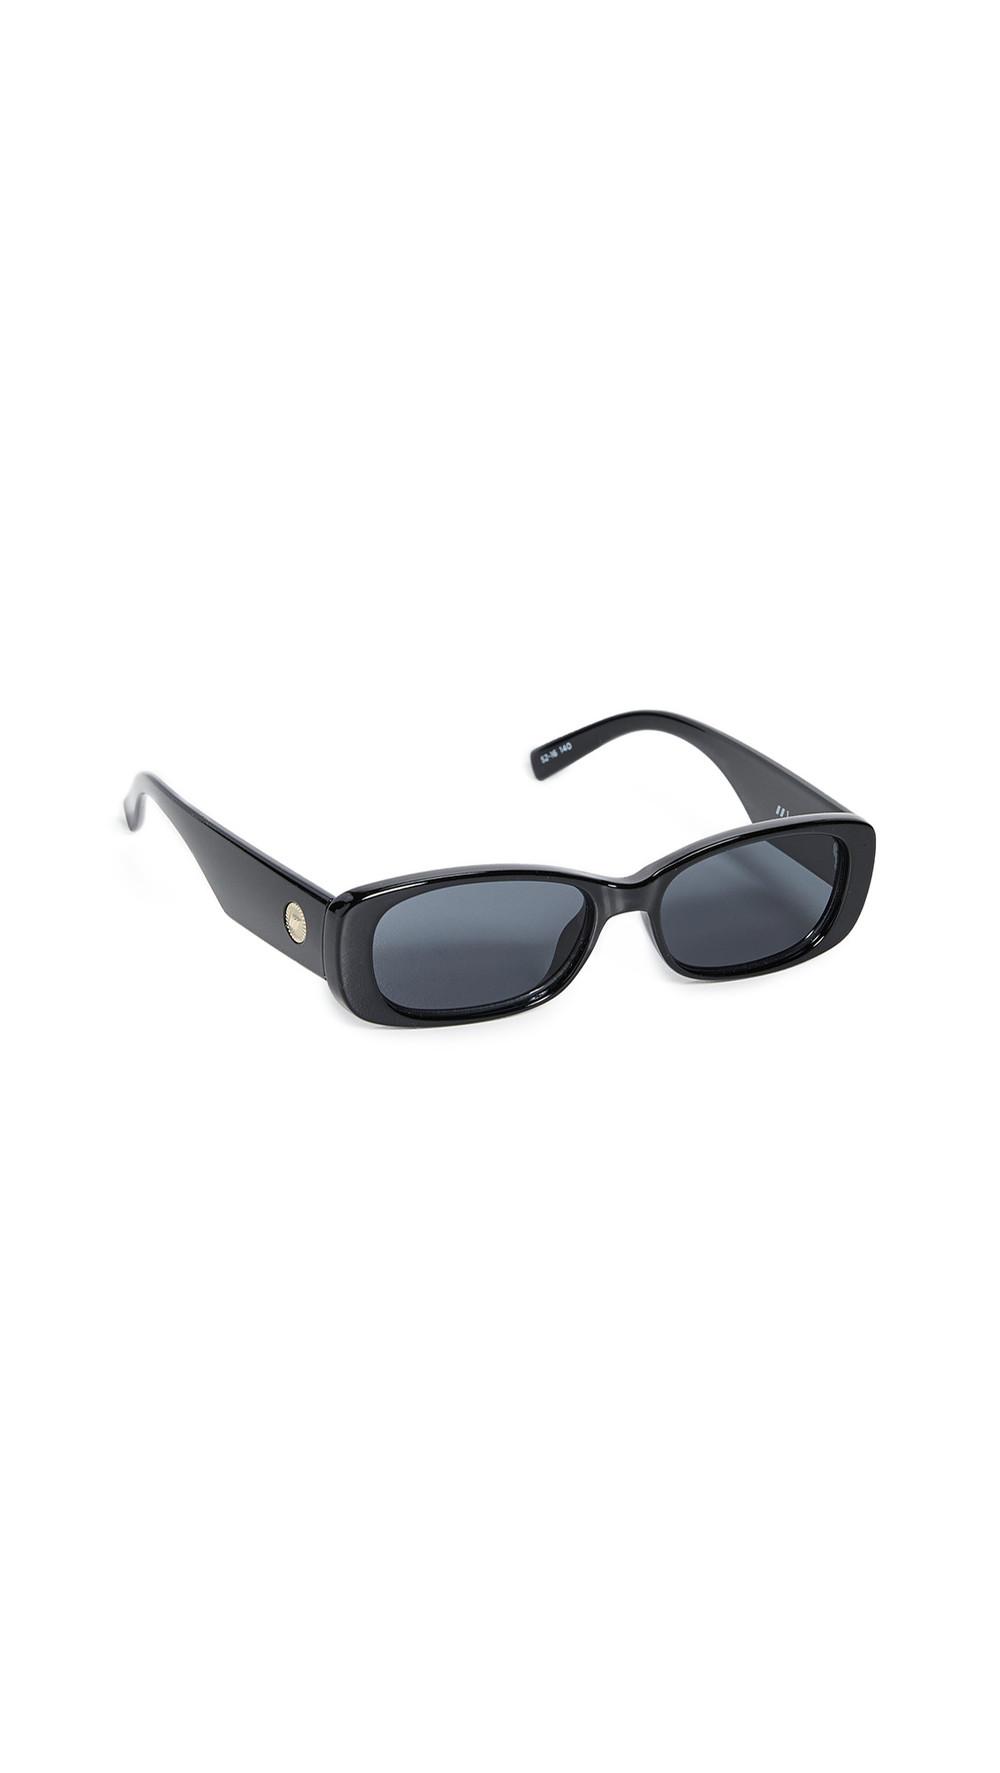 Le Specs Unreal! Sunglasses in black